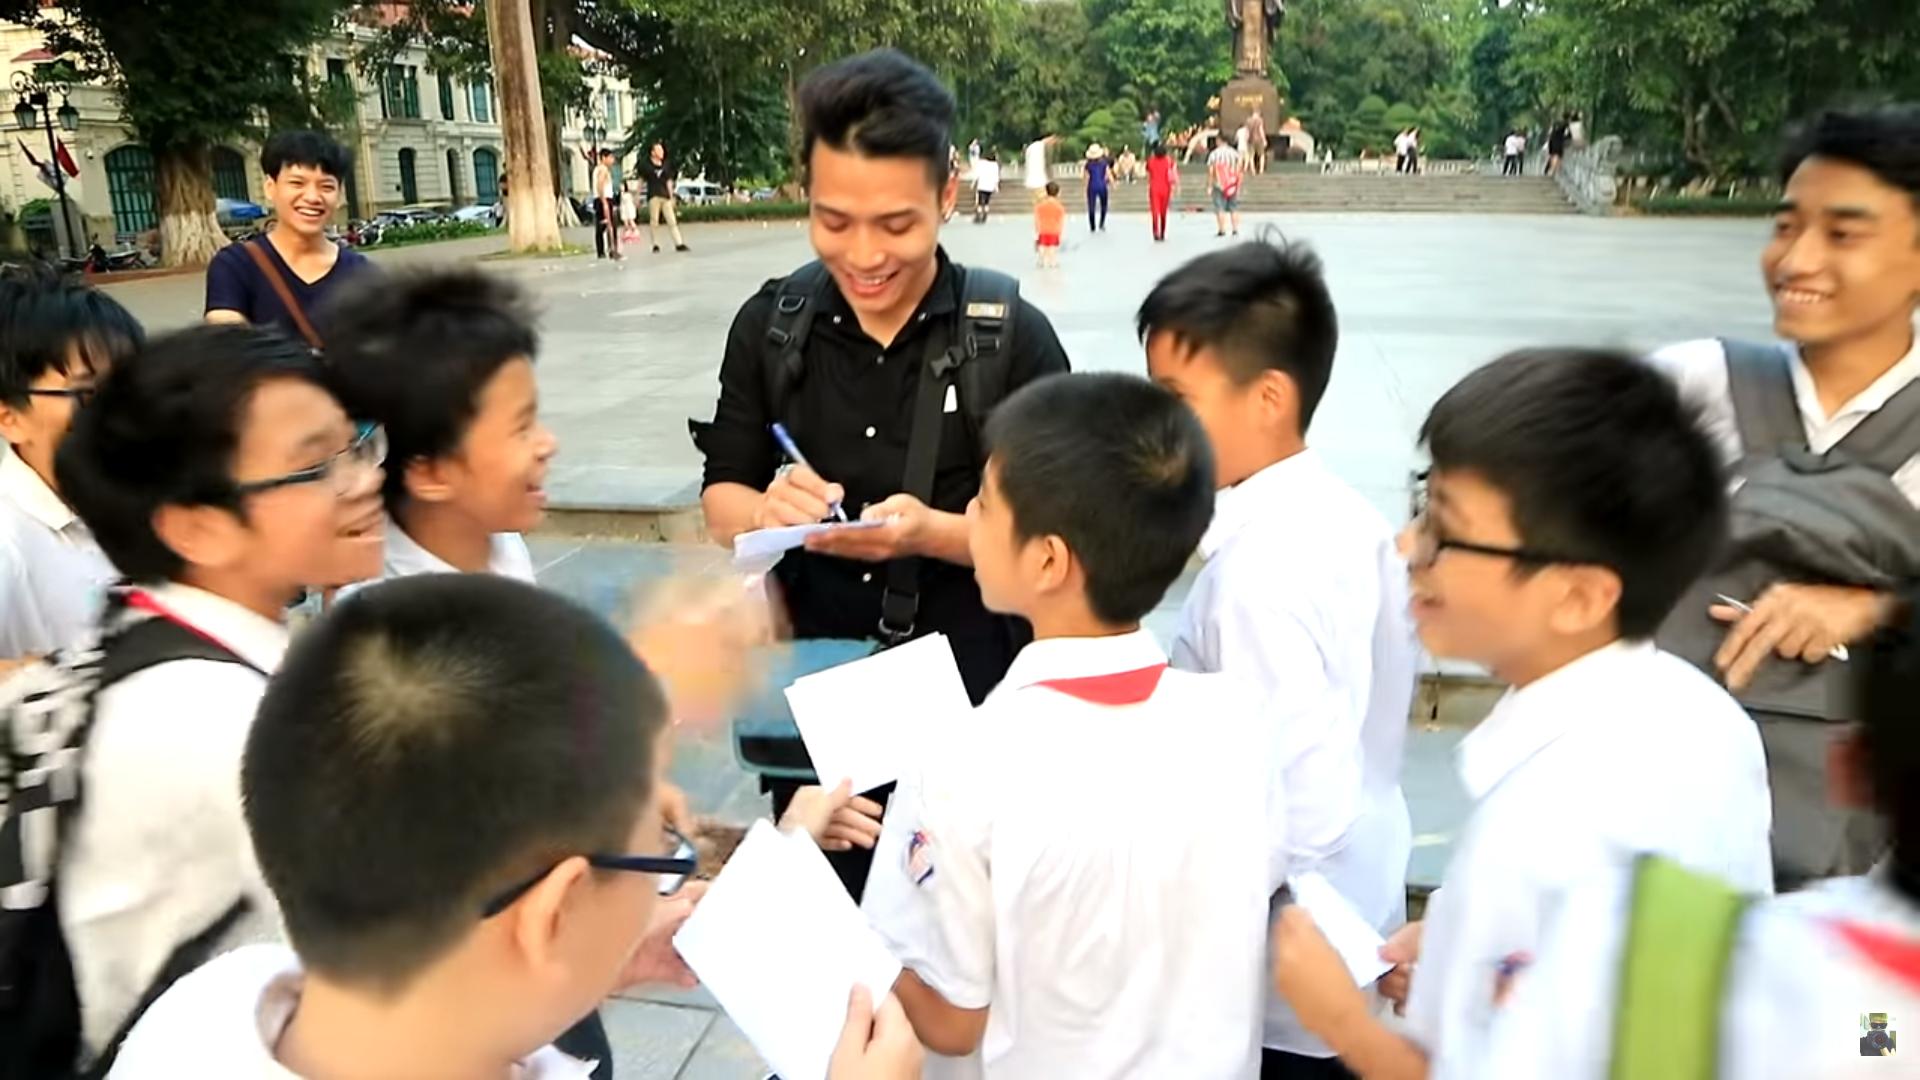 Nguyễn Thành Nam được các bạn trẻ săn đón, xin chữ ký mỗi khi xuất hiện tại những nơi công cộng (Ảnh: NTN Vlogs)